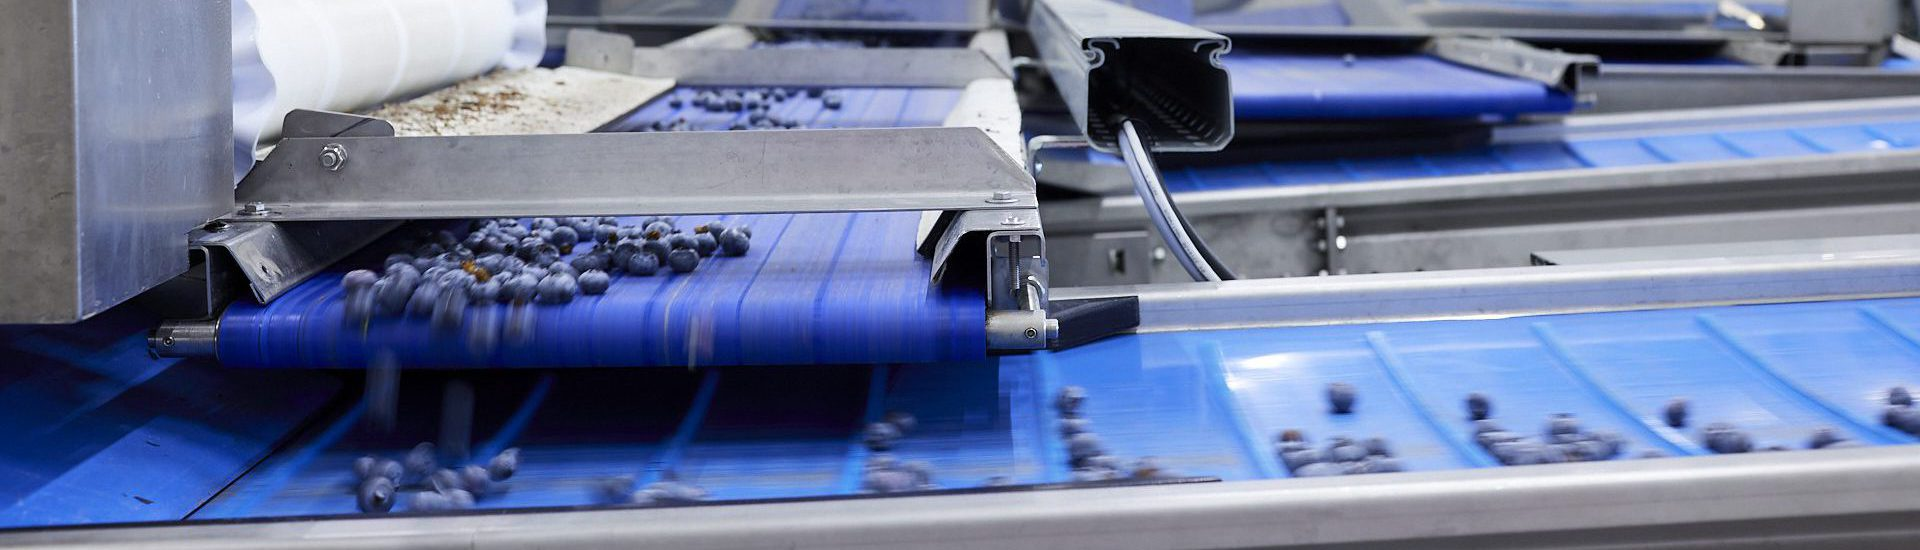 Blauwe bessen op kunststof transportband